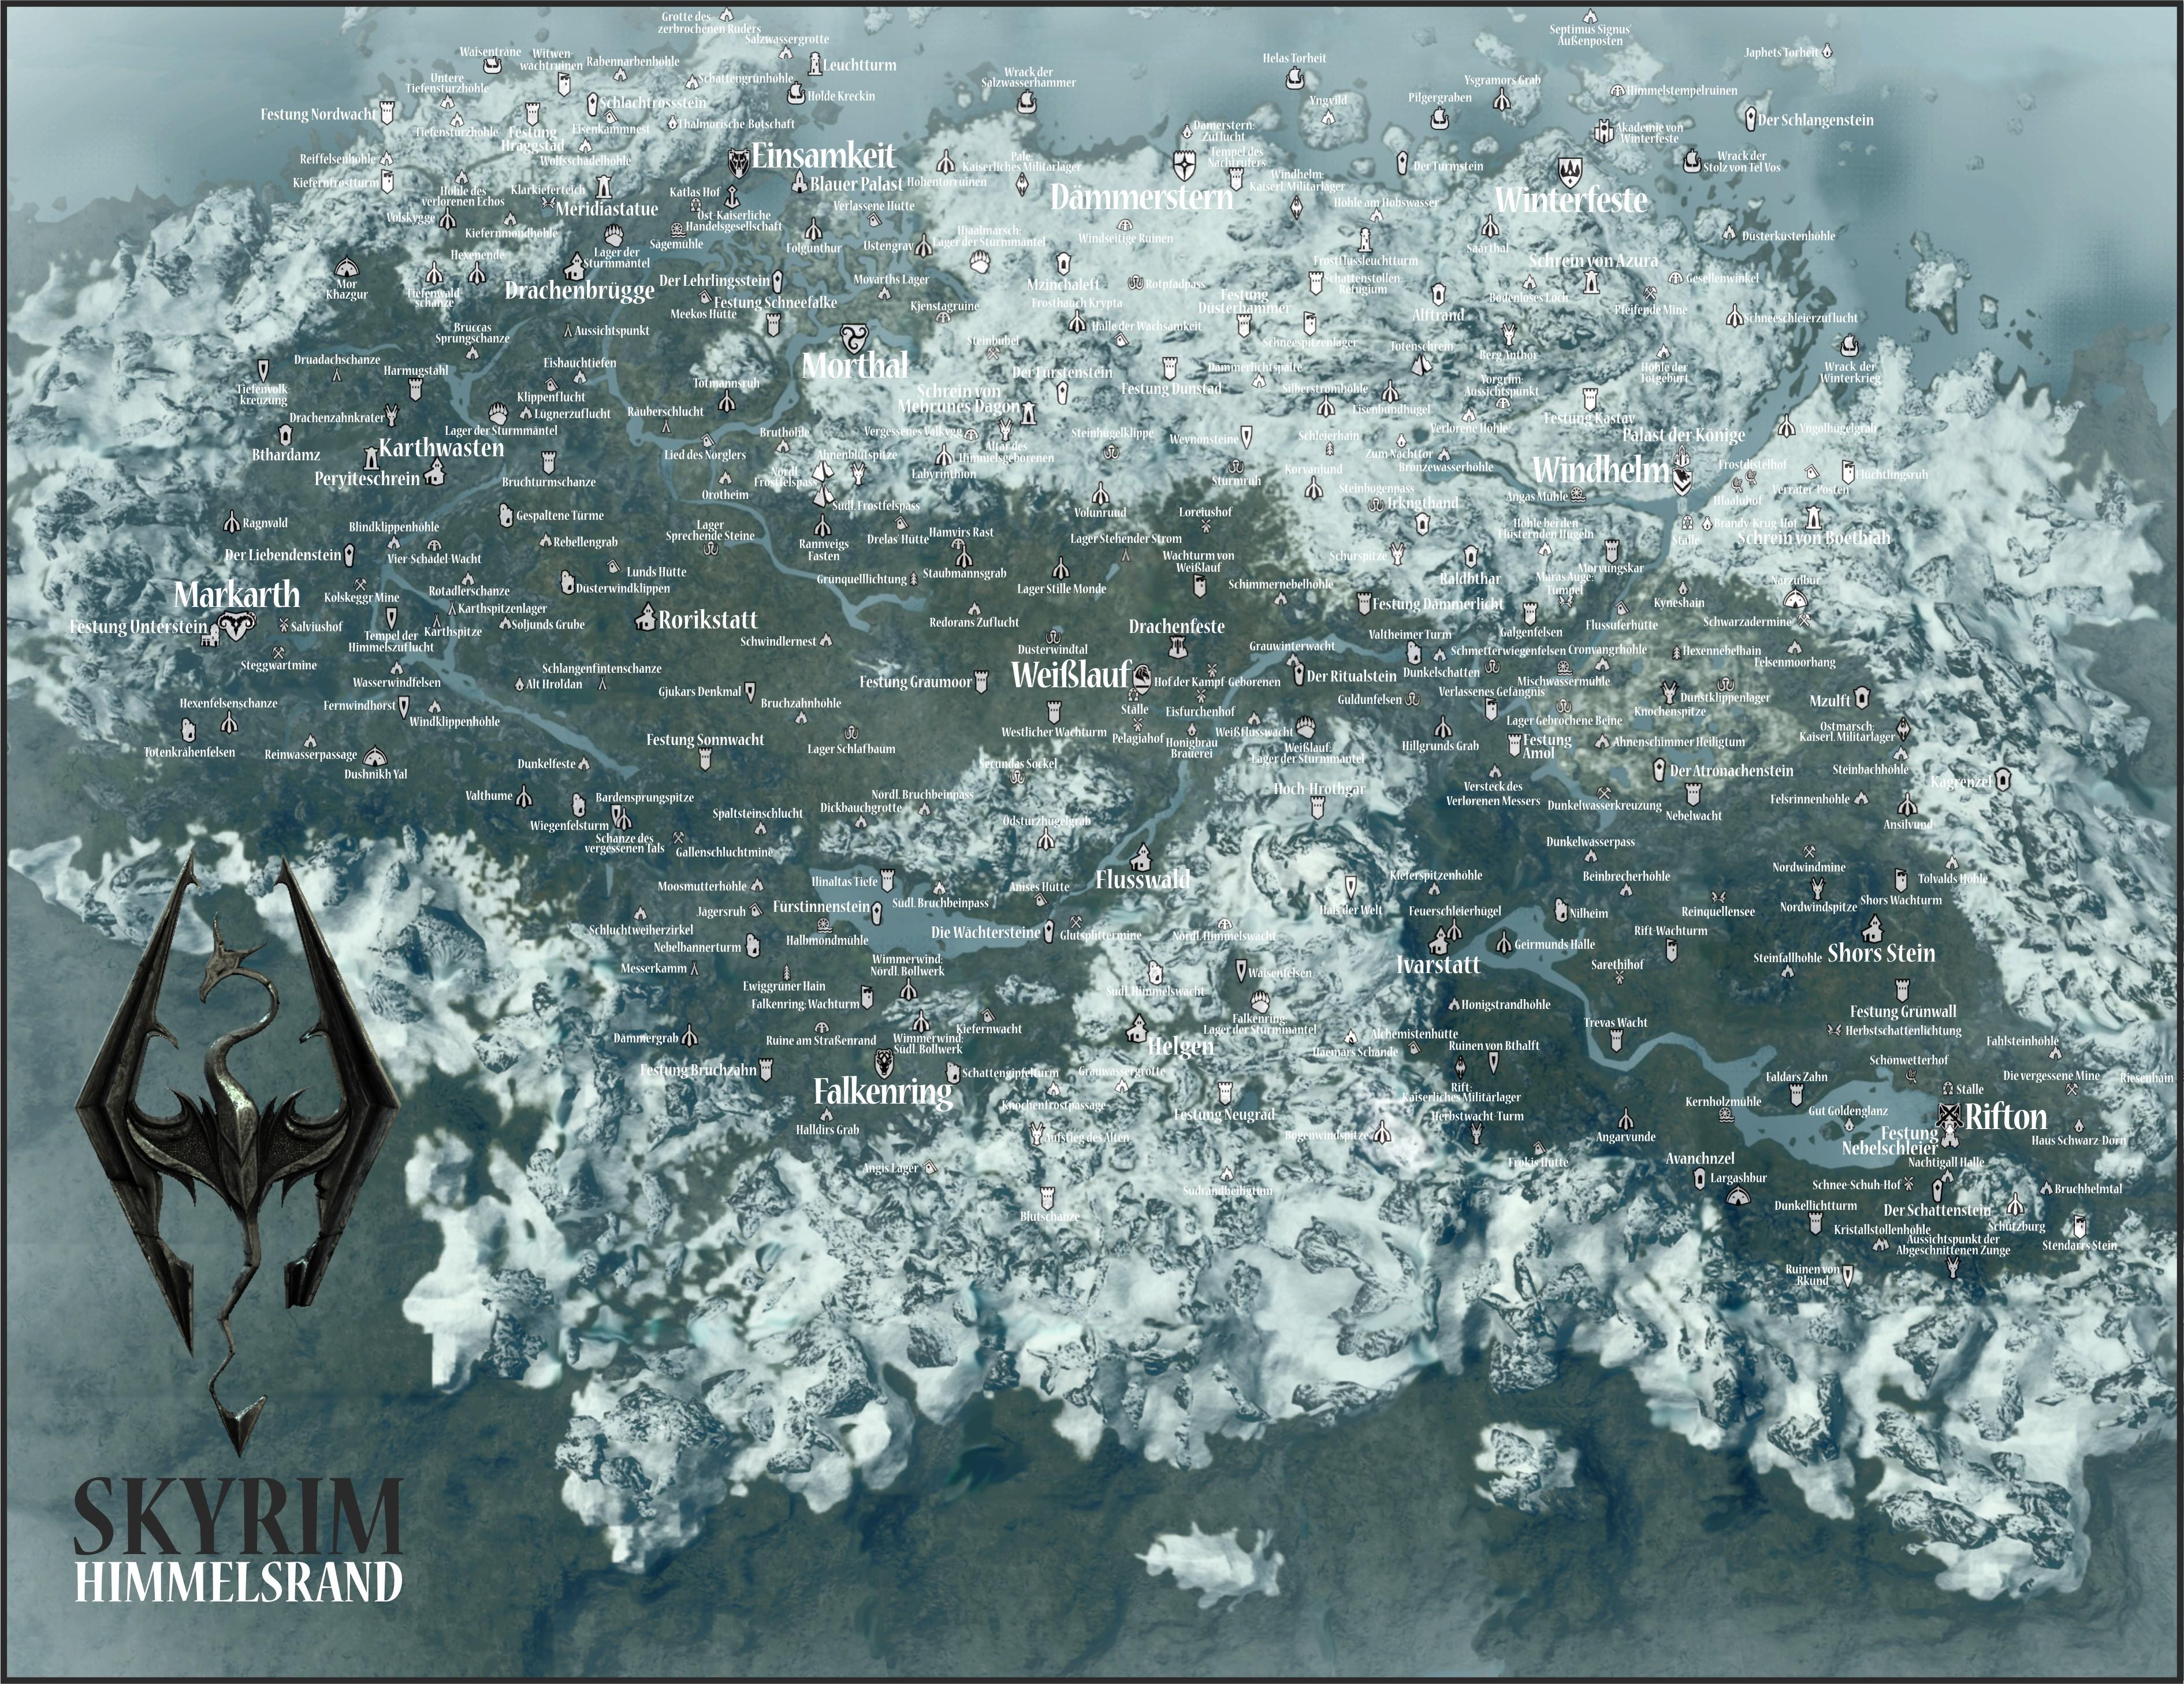 skyrim karte aufdecken Skyrim: Die Karte von Himmelsrand mit allen Städten, Verließen und